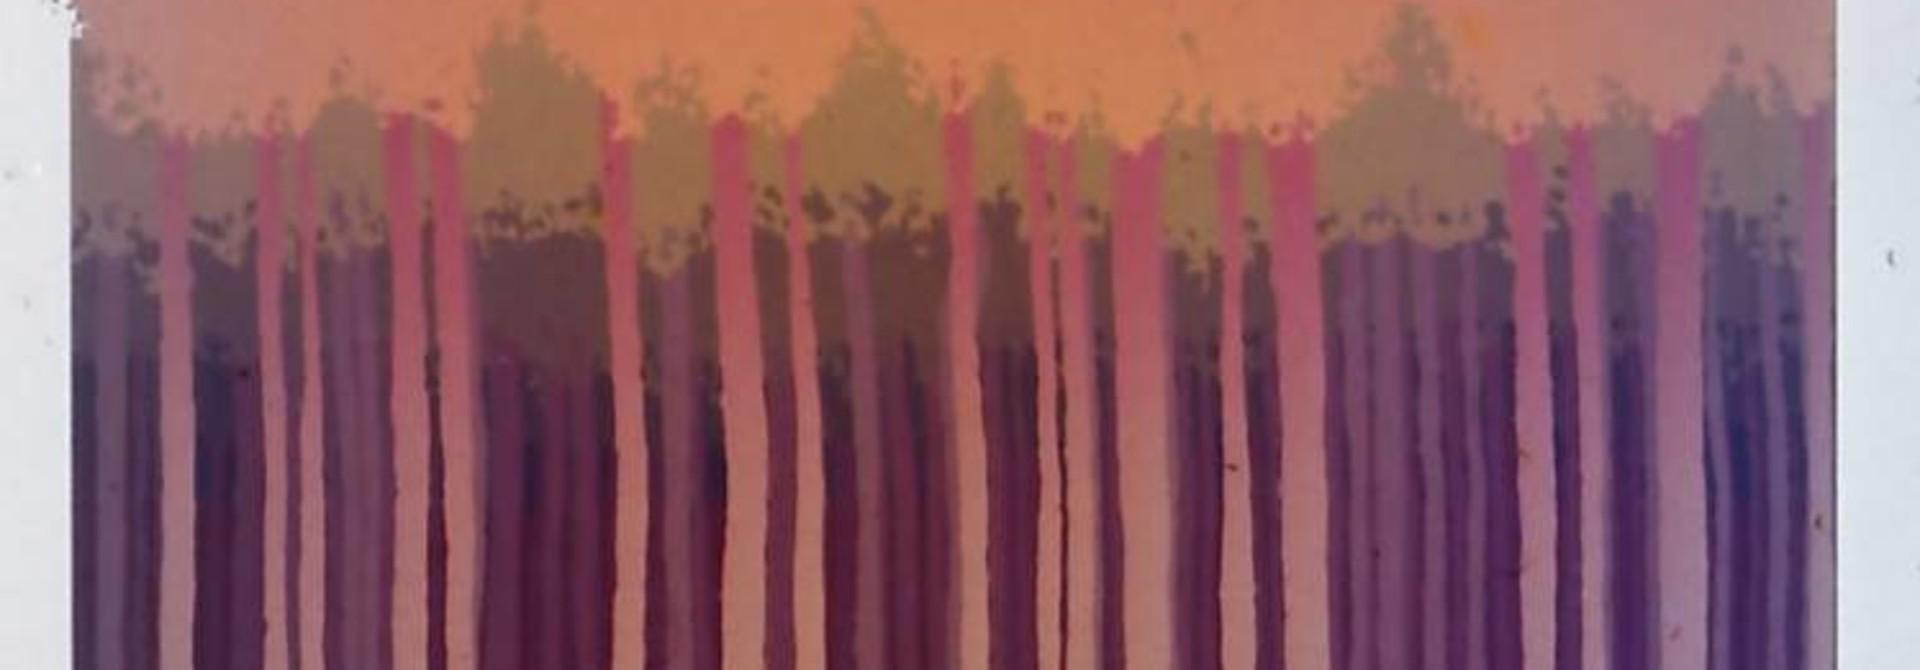 Autumn On The Wood's Edge